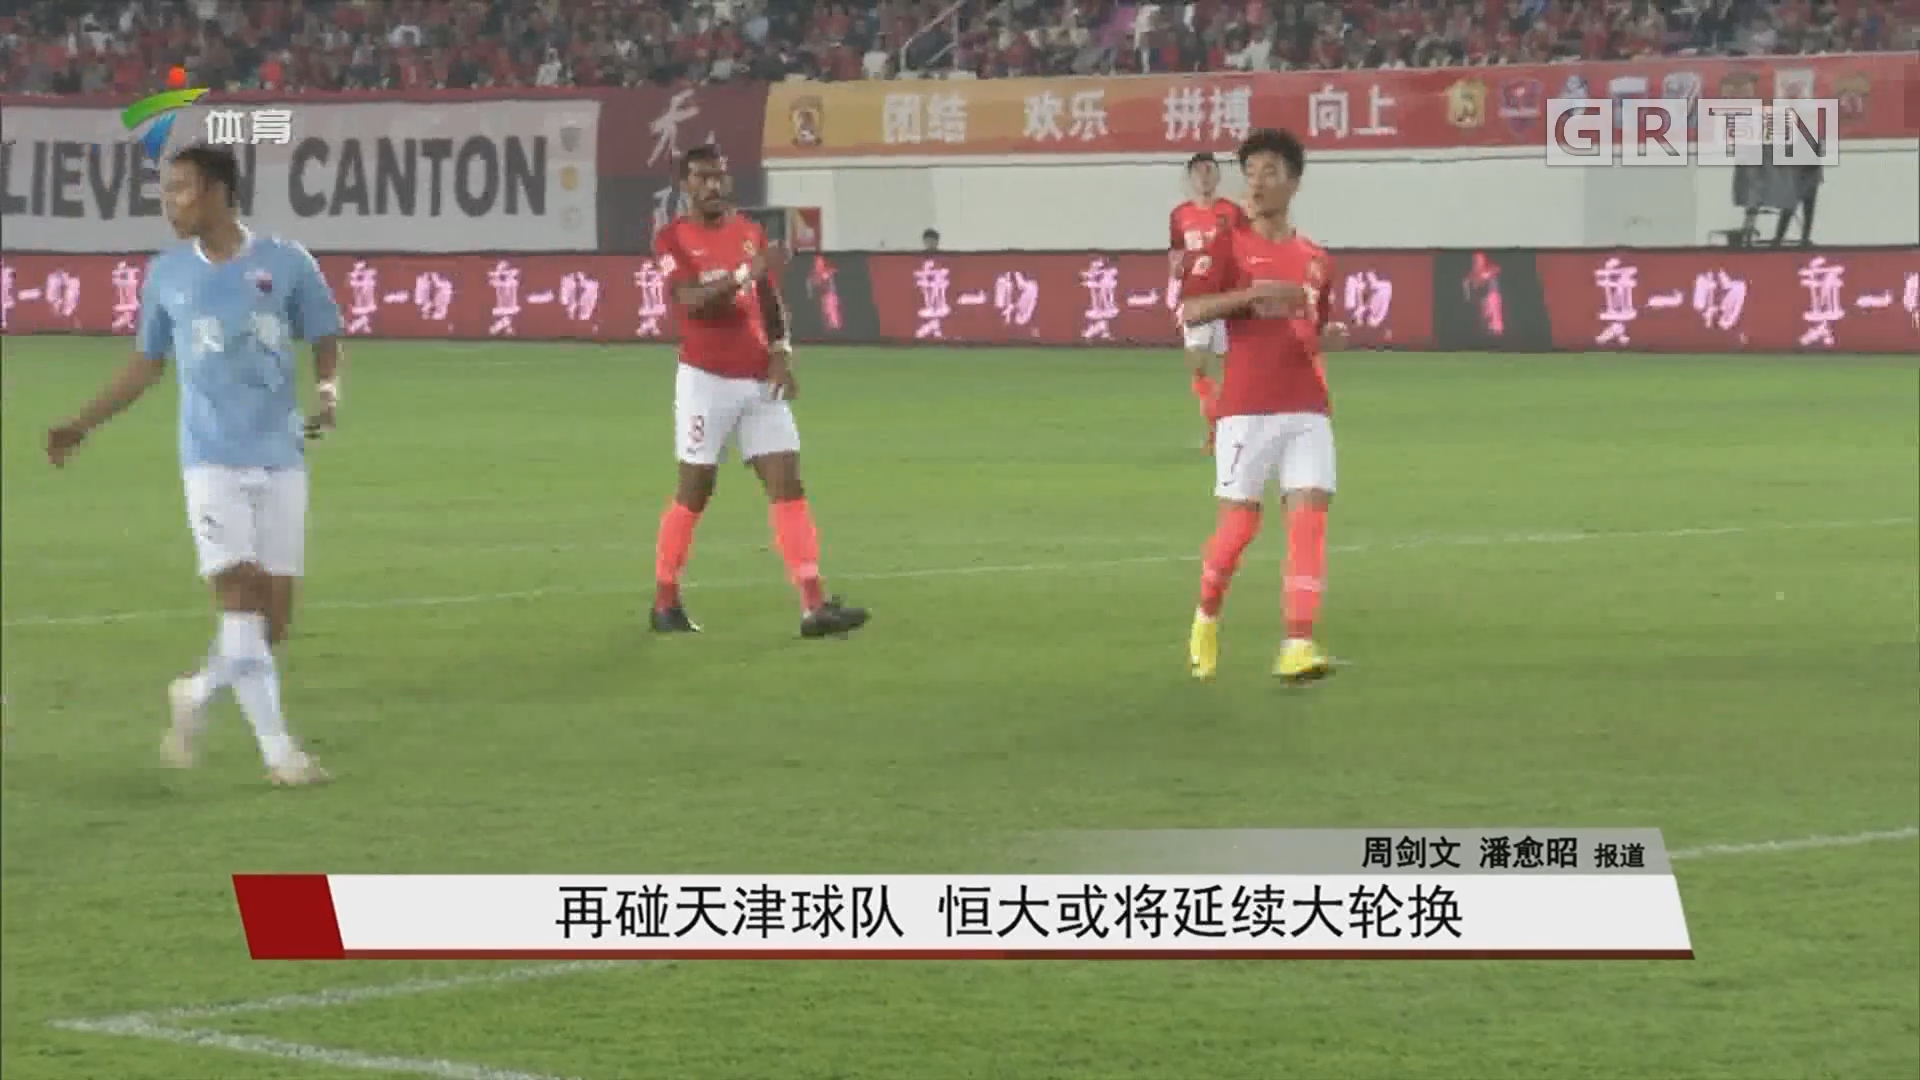 再碰天津球队 恒大或将延续大轮换